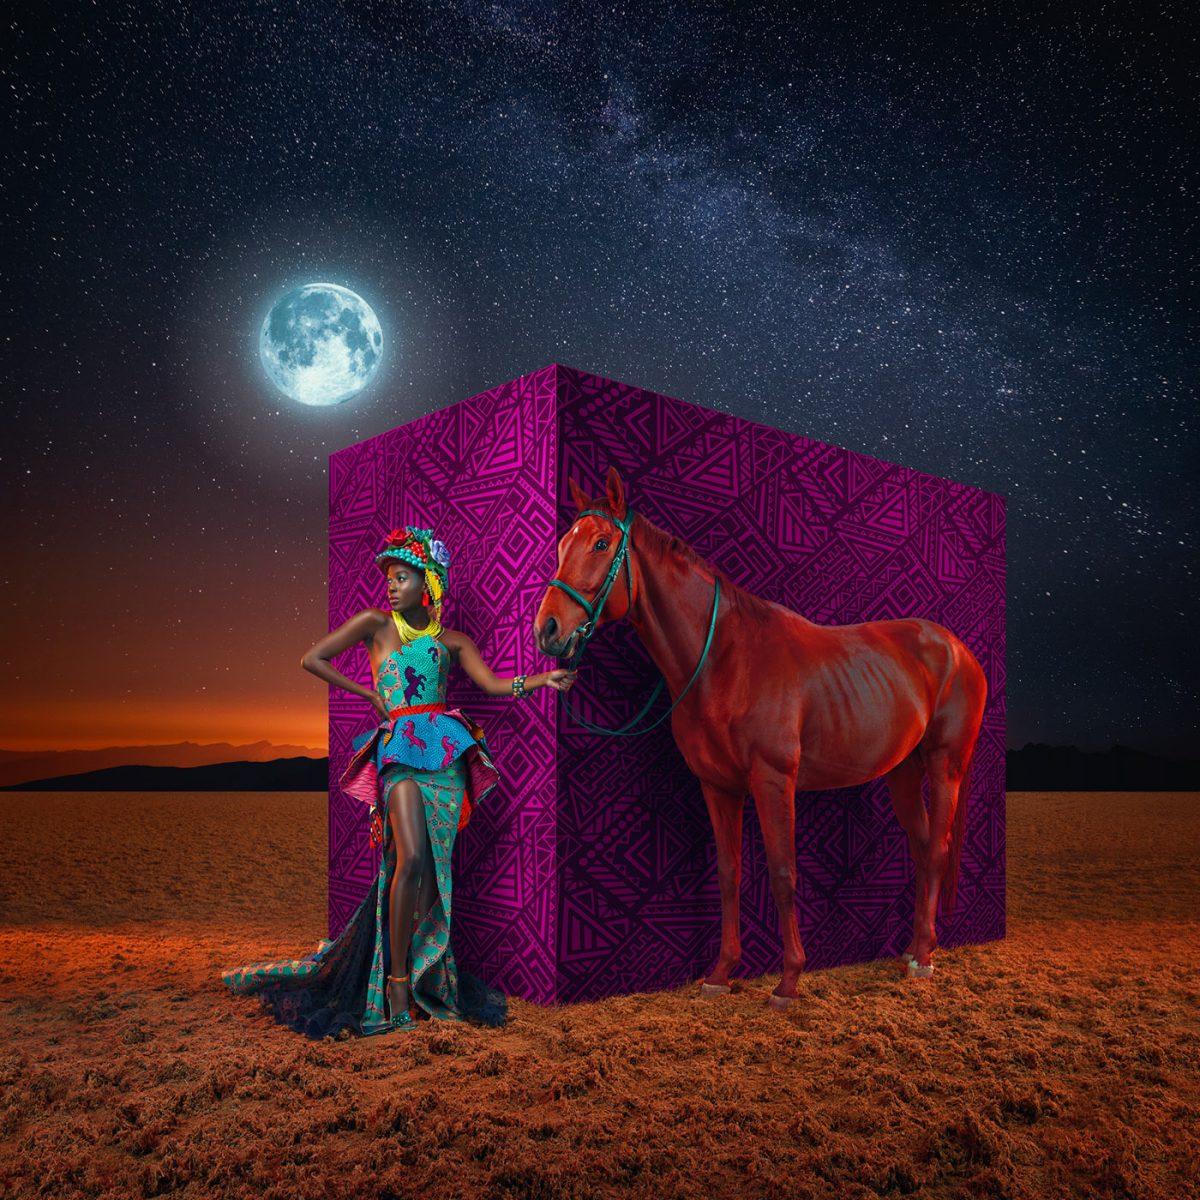 घोड़े वाला मॉडल